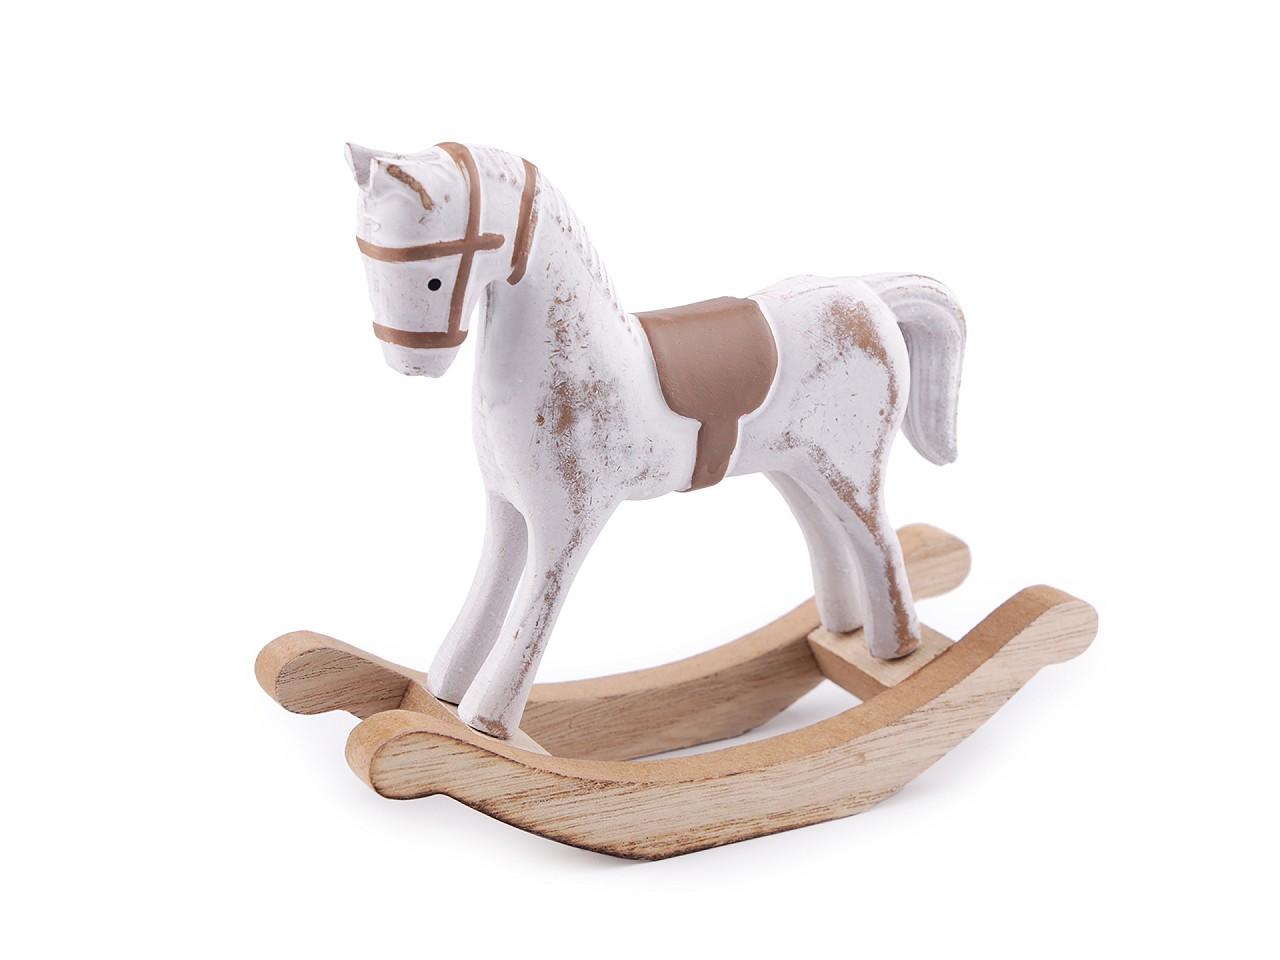 Dekorace houpací koník malý 1 ks